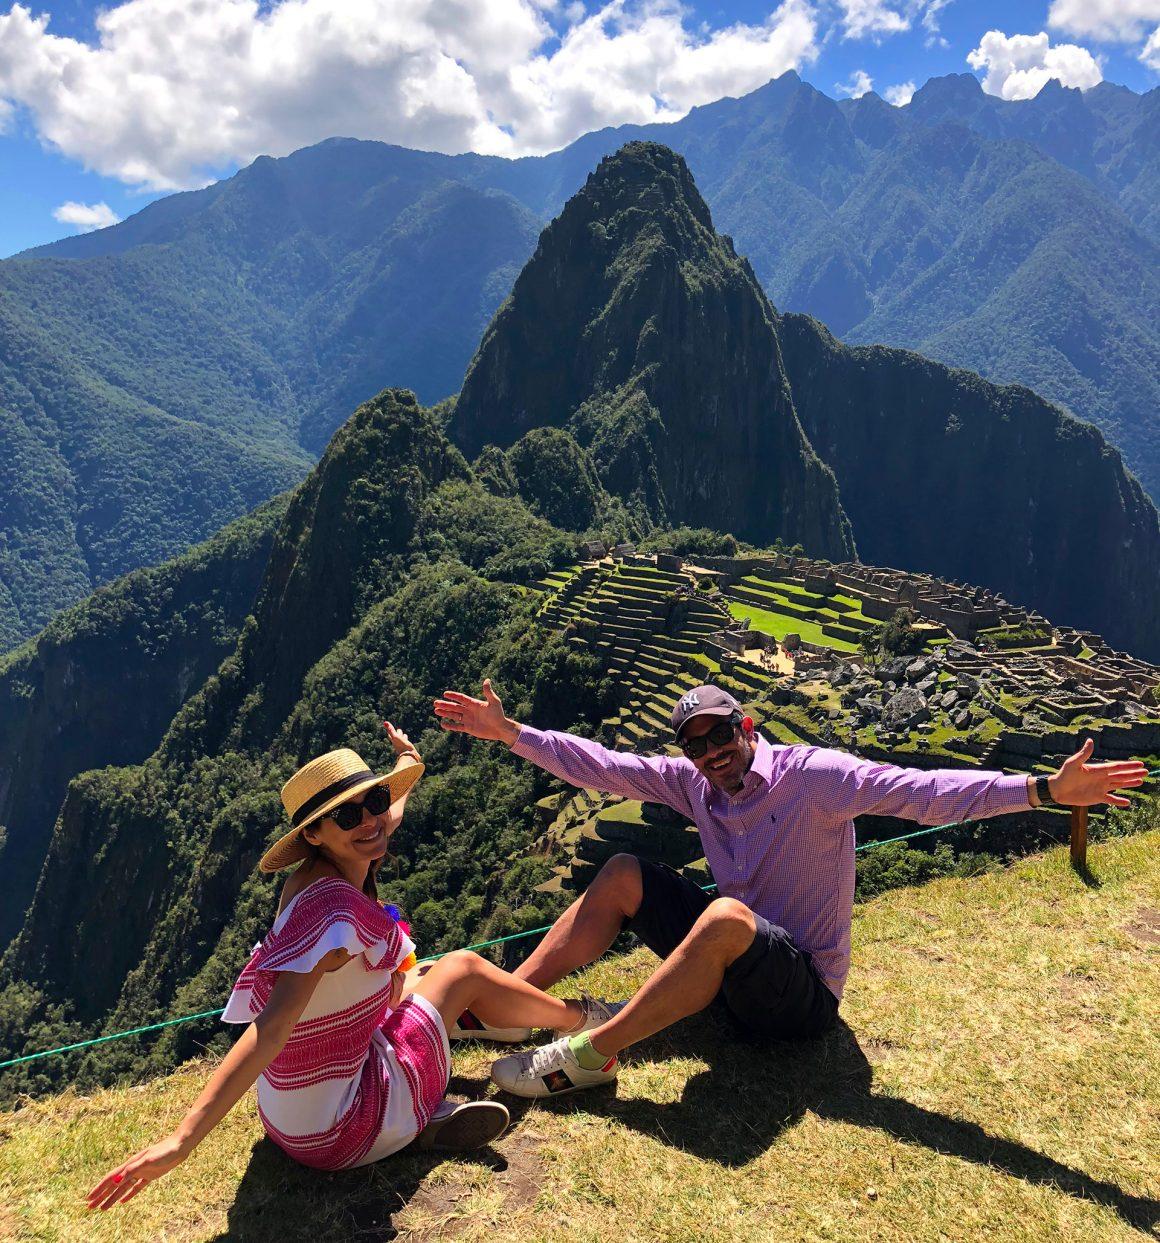 Machu Picchu Peru Aguas Calientes ruta por perú en dos semanas - Machu Picchu Peru Aguas Calientes 02 1160x1243 - Nuestra Ruta por Perú en dos semanas : Diario de Viaje a Perú